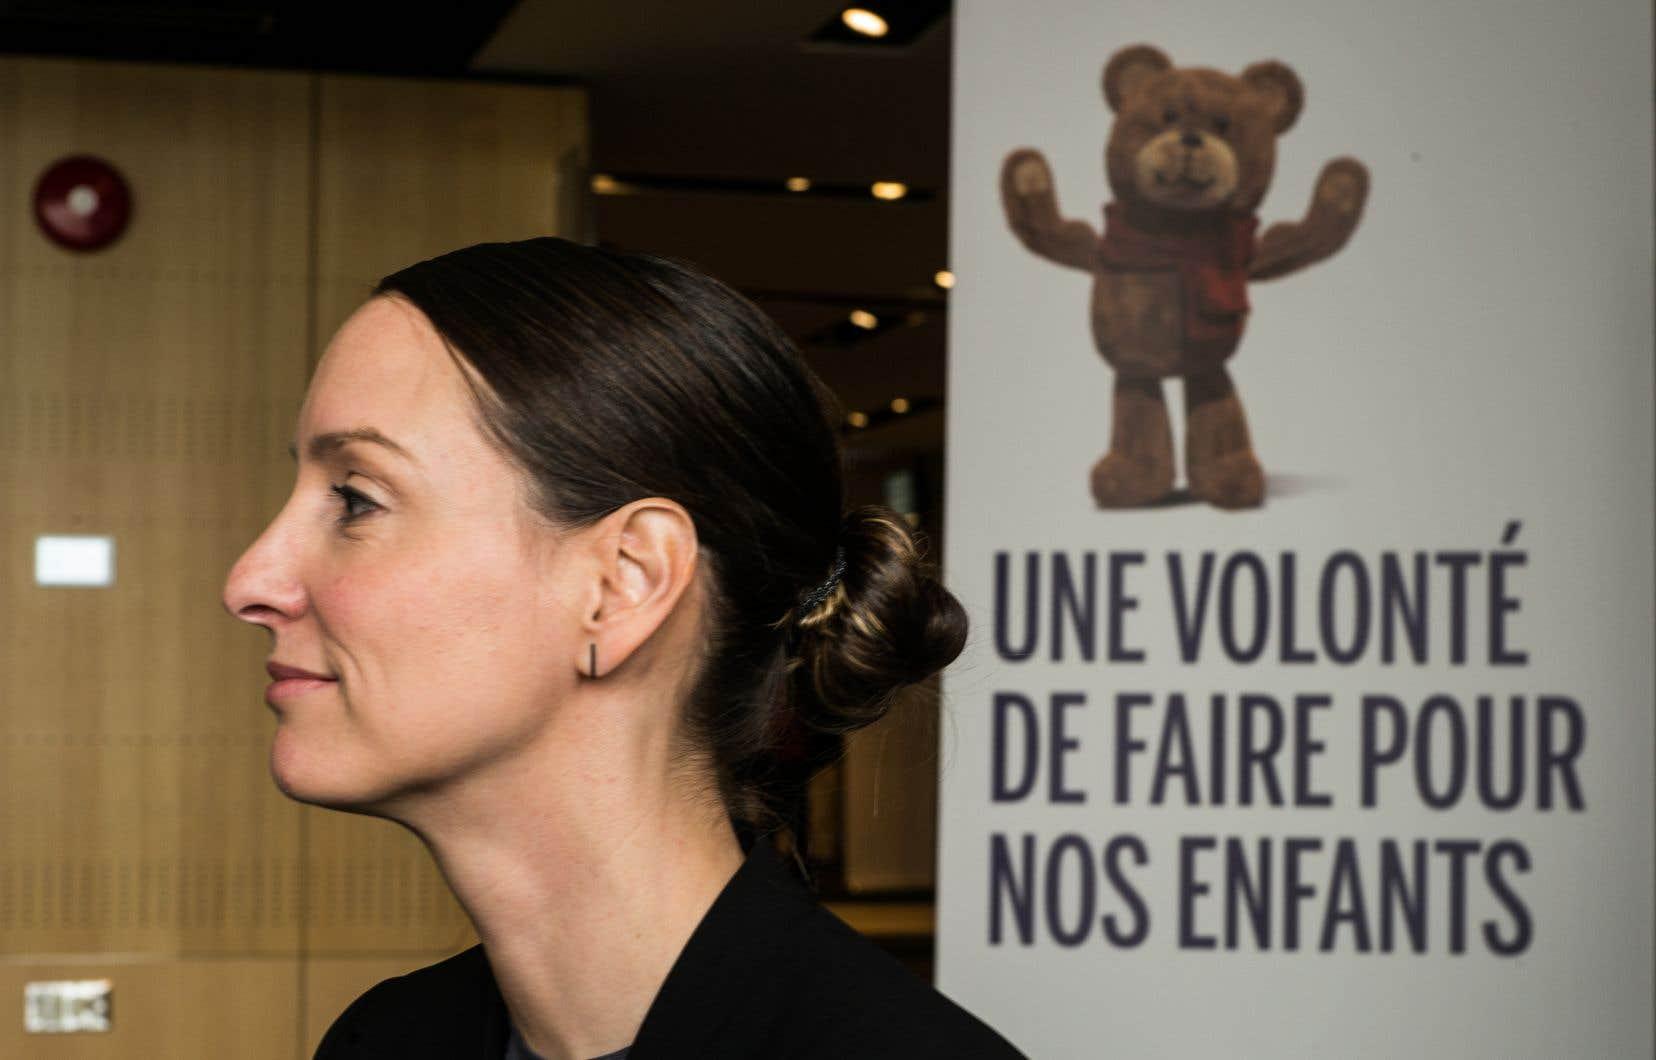 Paule Vachon, coordonatrice des Services intégrés en abus et maltraitance du SIAM